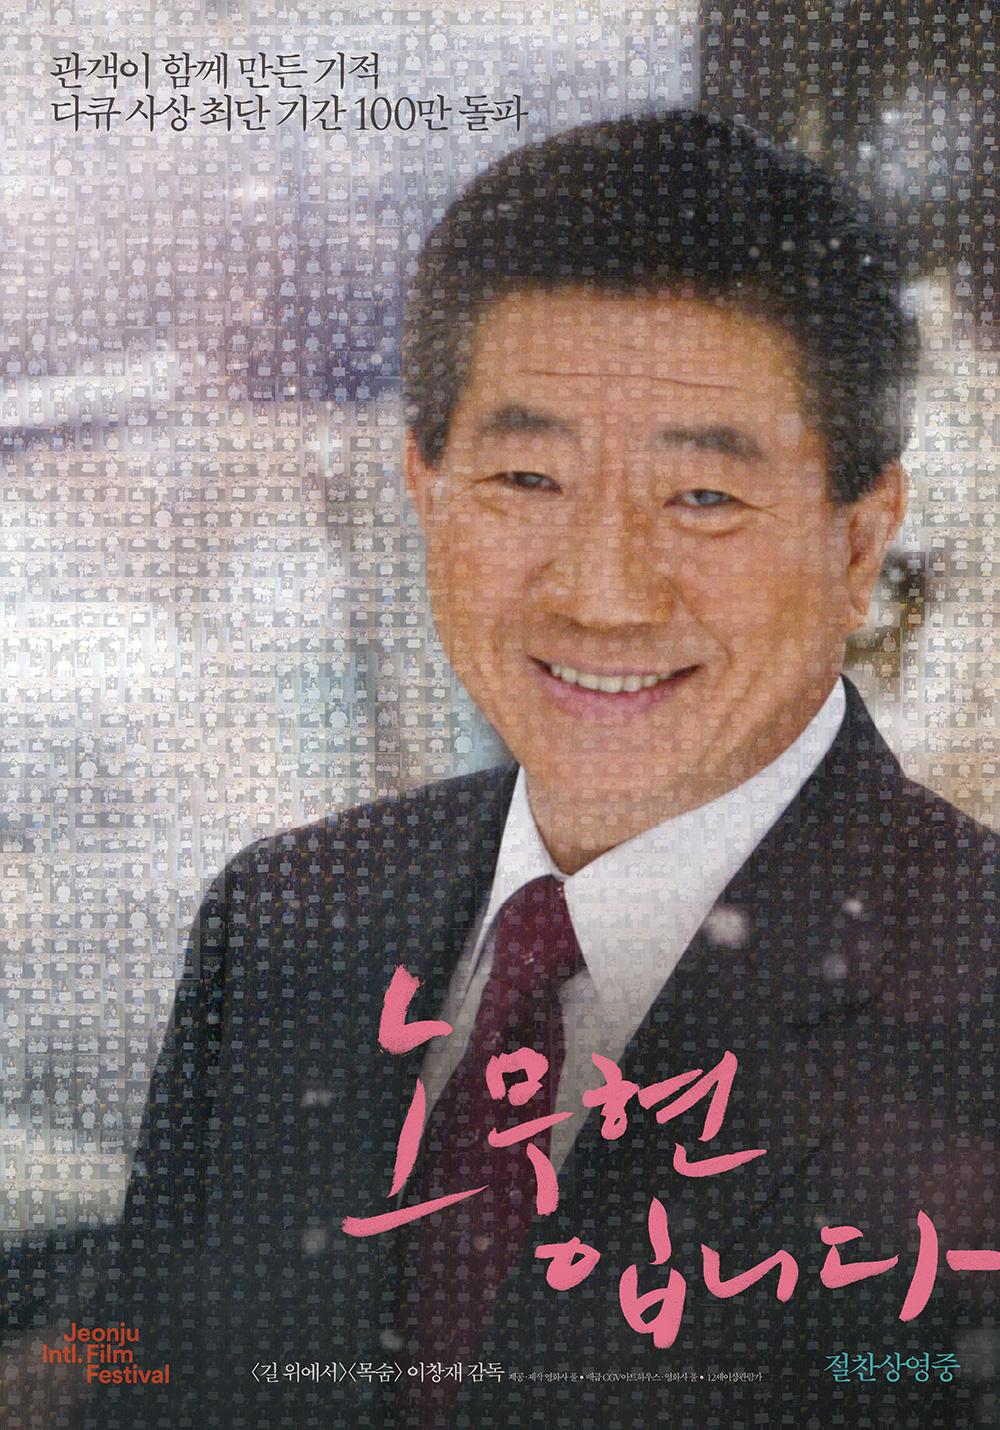 관객이 만든 100만 기적 '노무현입니다' 흥행 새역사